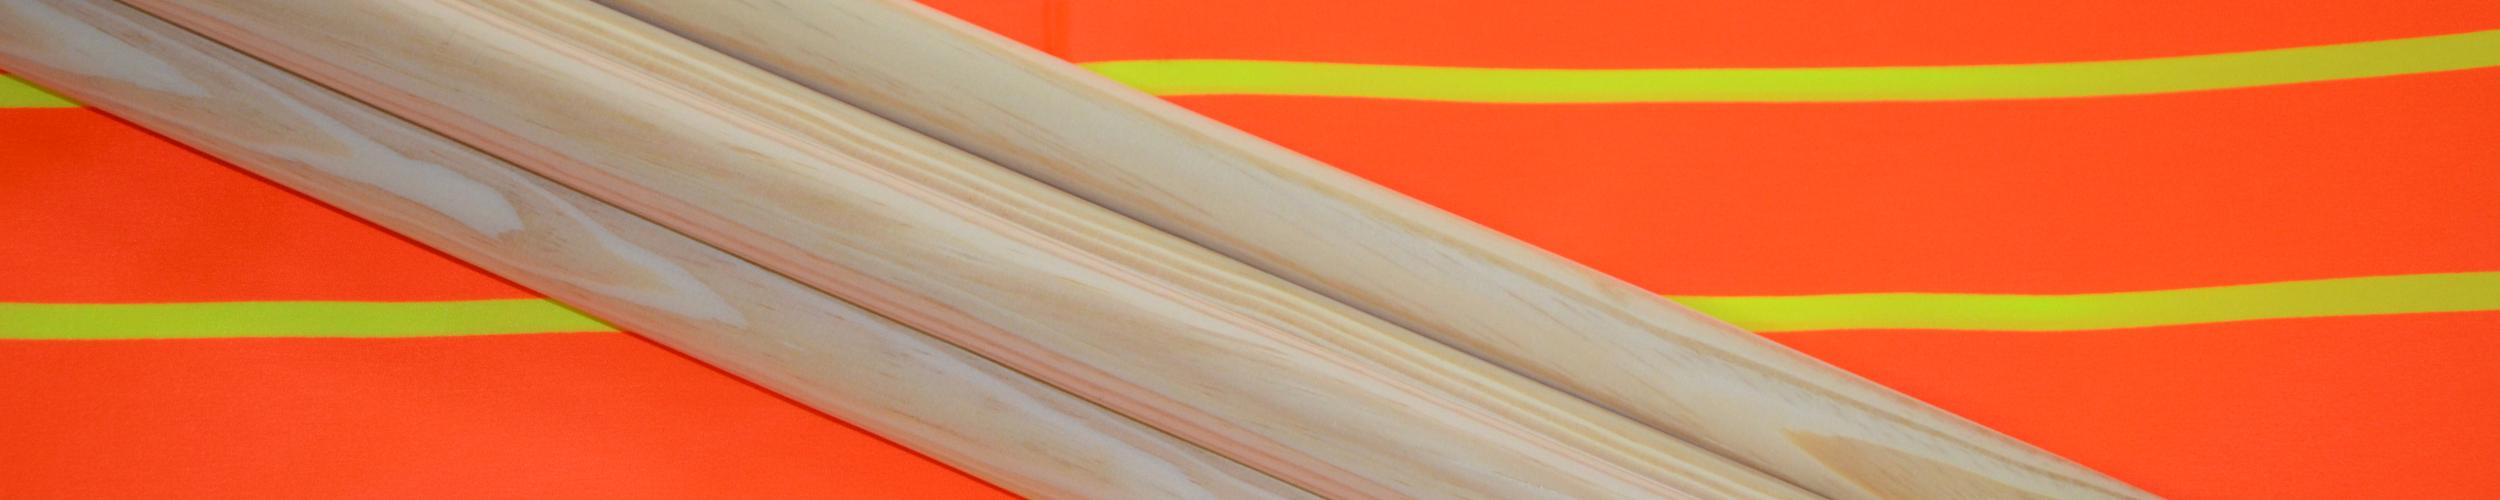 Windscherm Oranje/Geel fluo 4 meter, Stockactie nummer